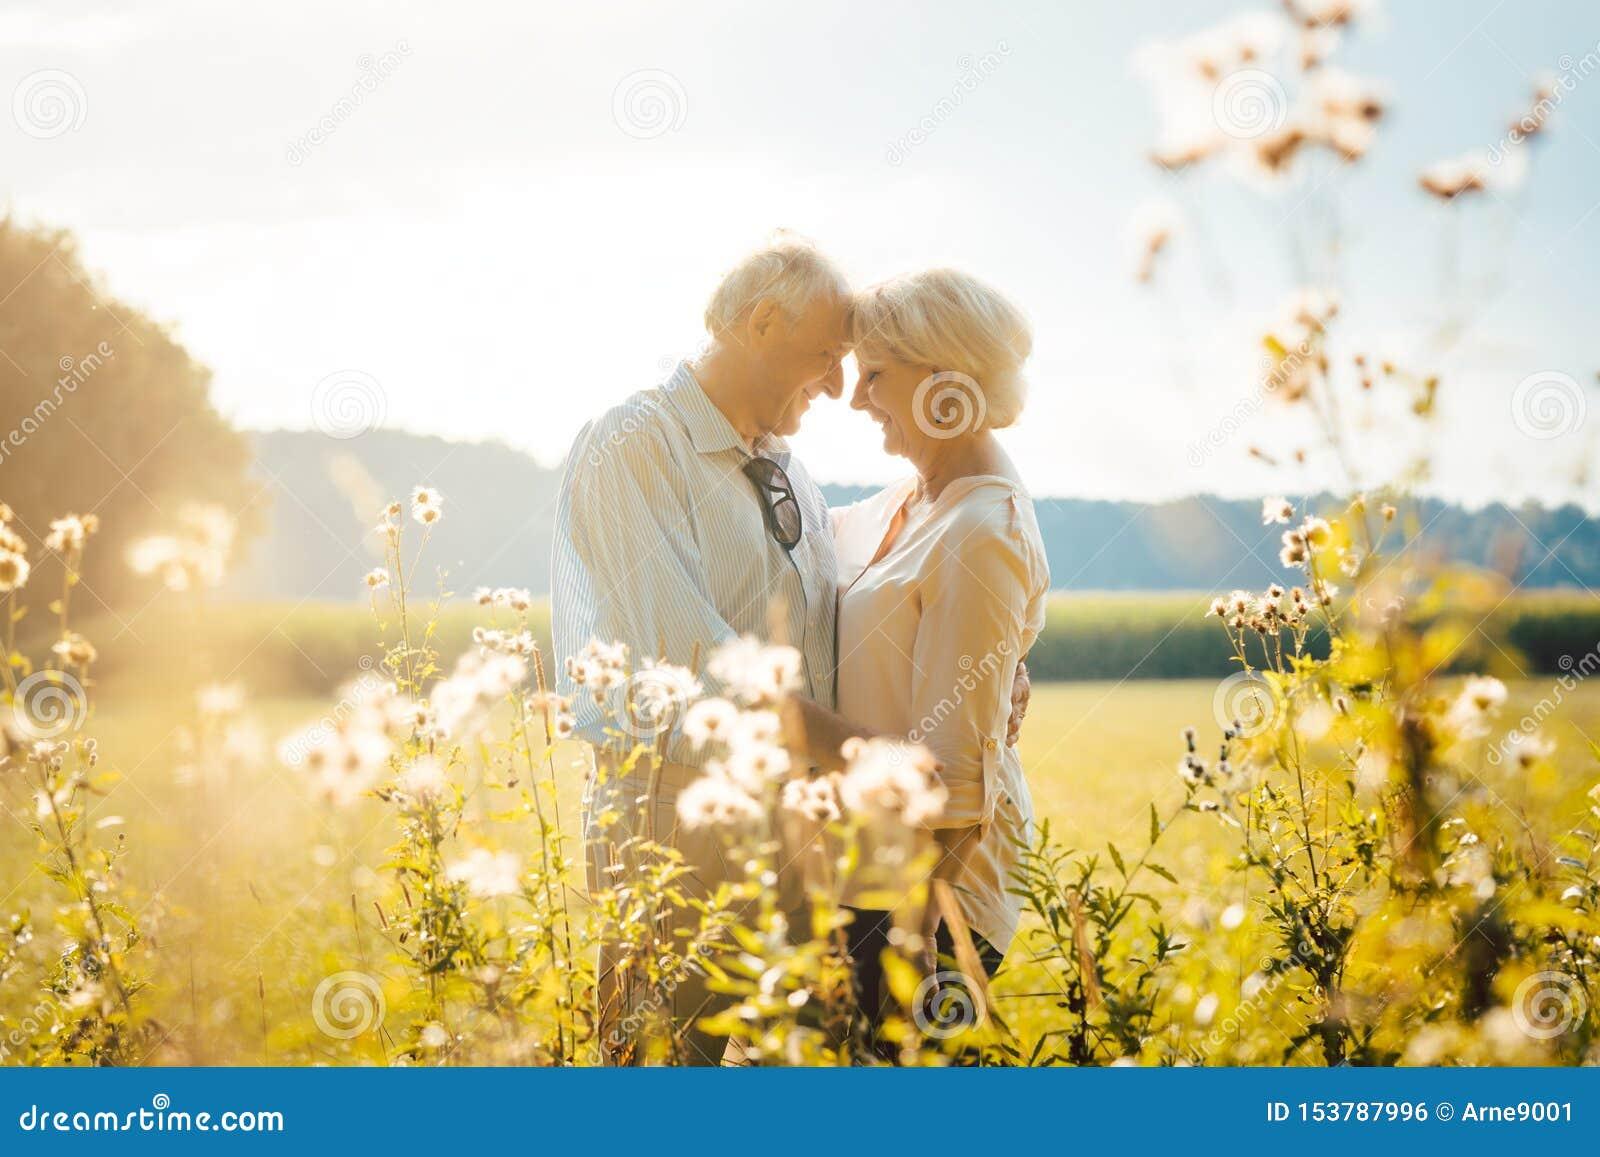 Mujer mayor y hombre que abrazan todavía estar en amor